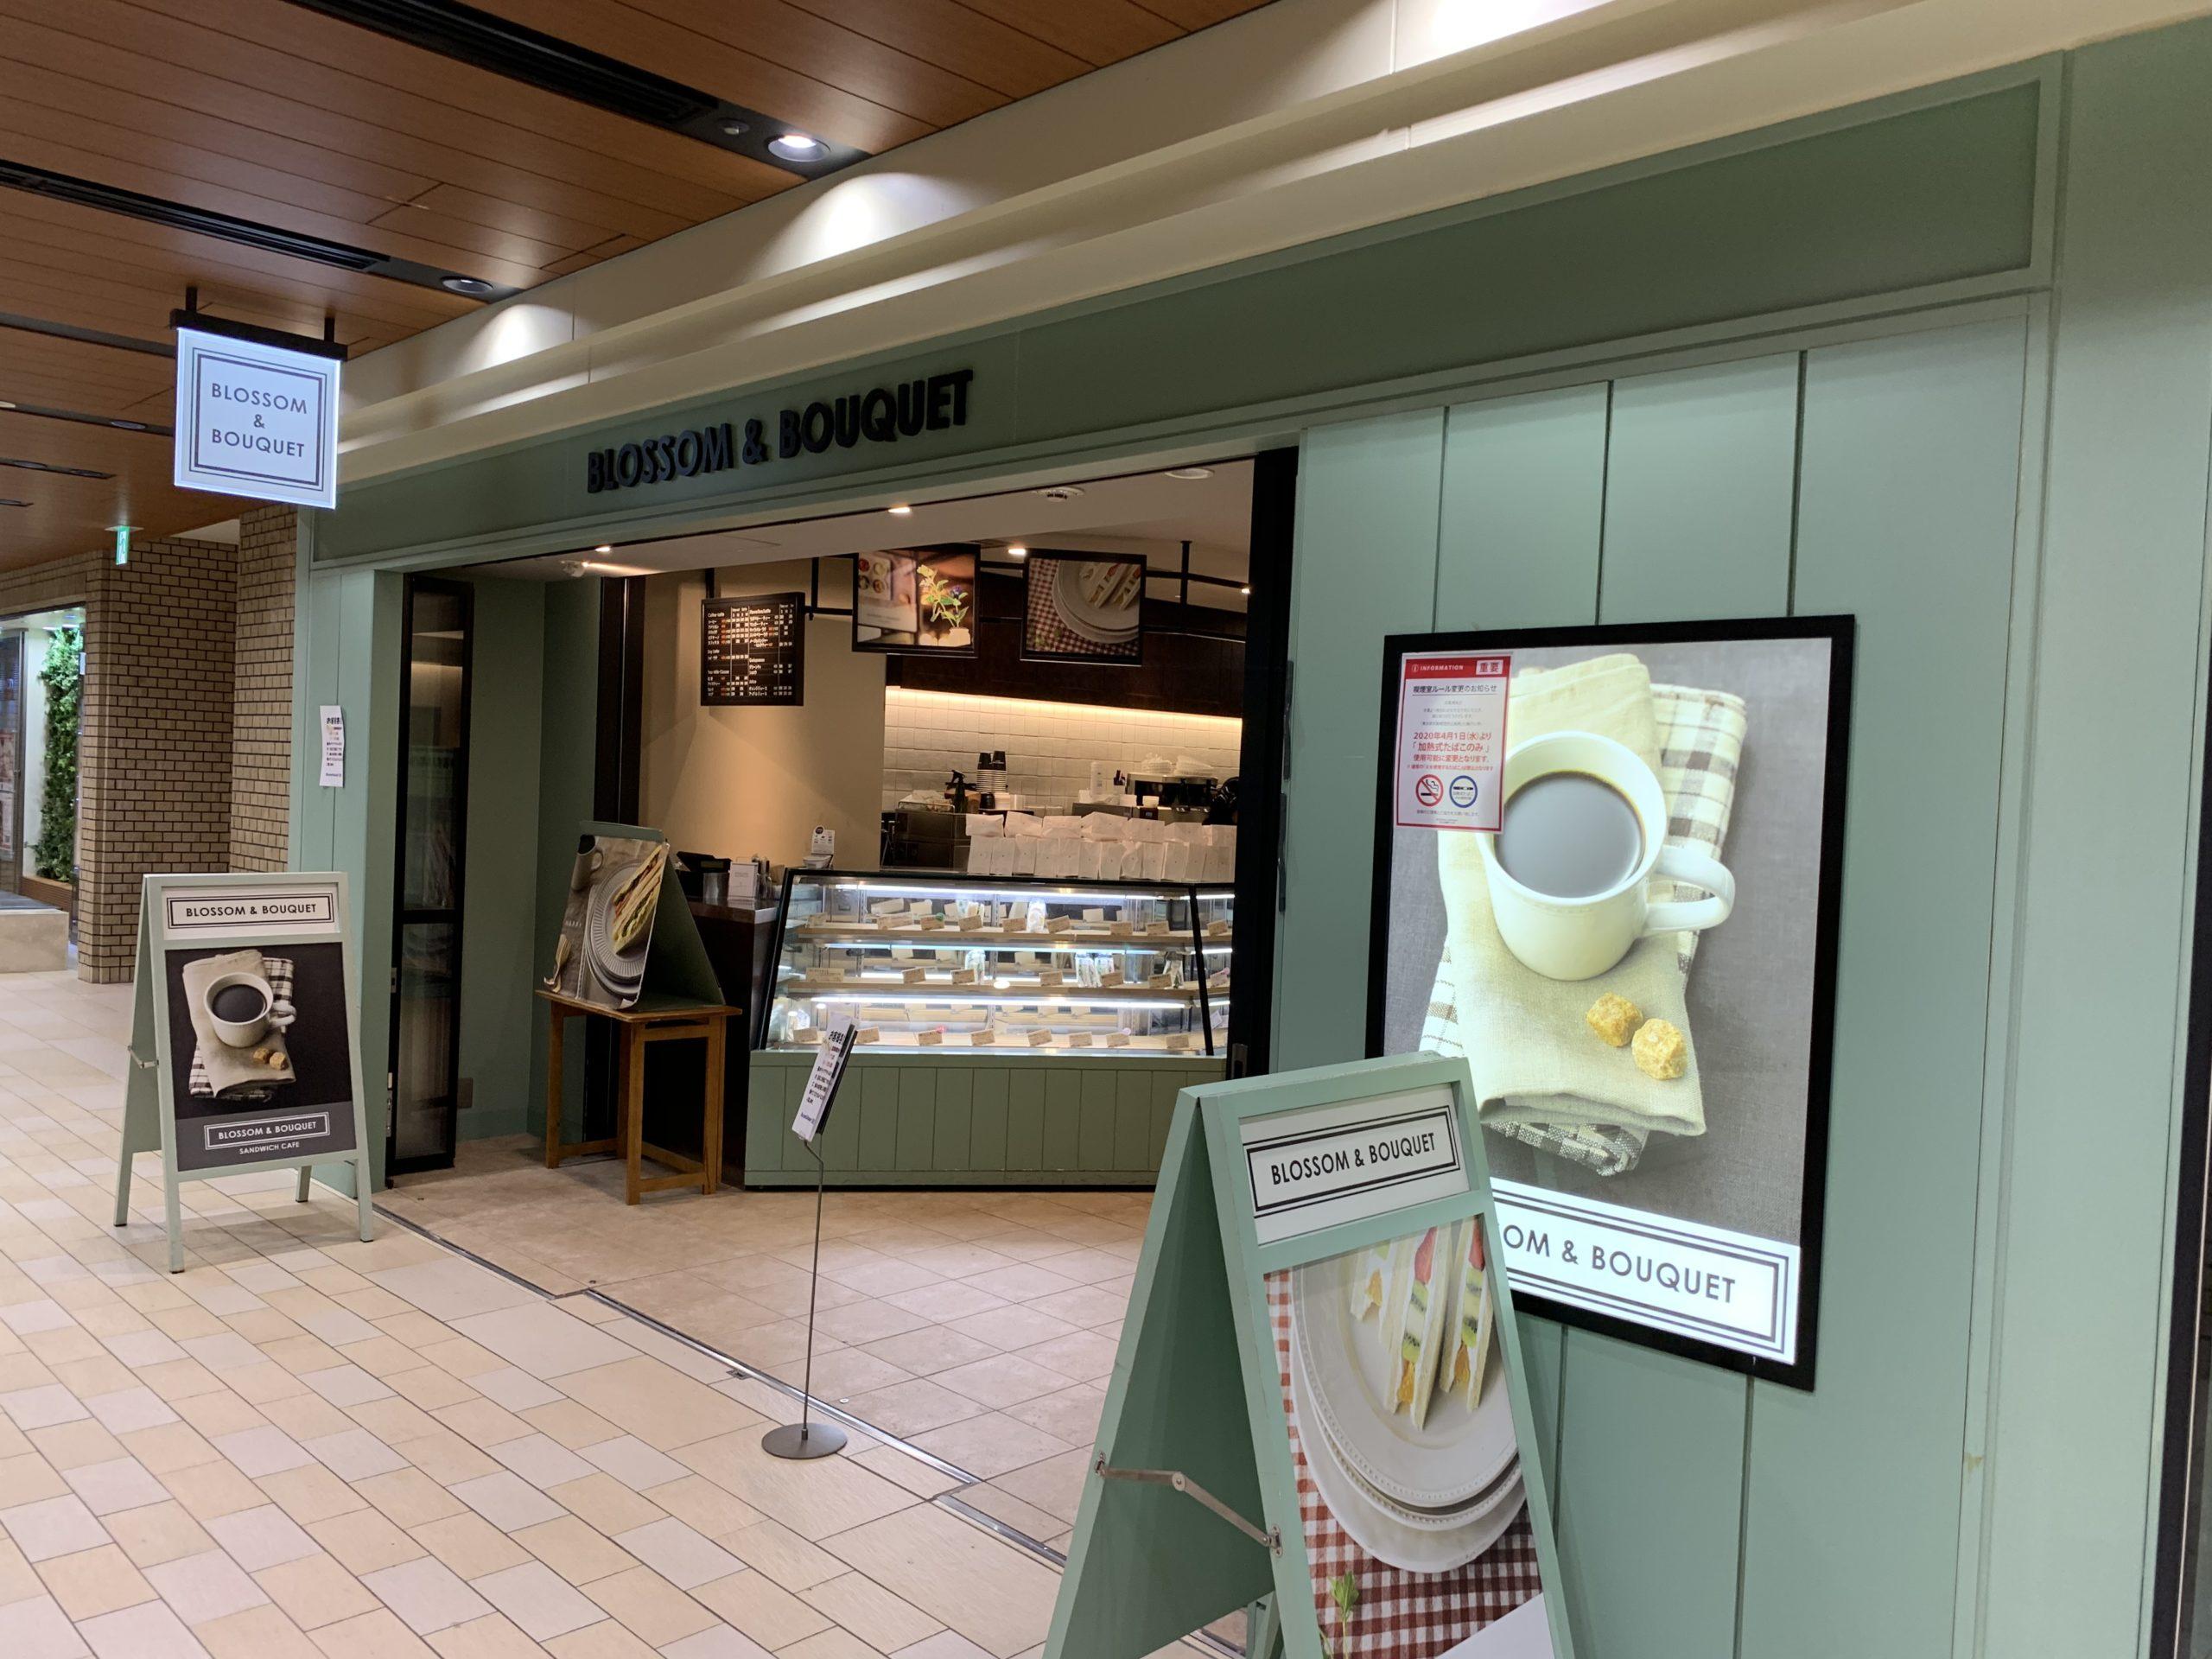 内幸町駅A6出口 電源カフェ BLOSSOM & BOUQUET (ブロッサム アンド ブーケ) 日比谷国際ビル店 Wi-Fi